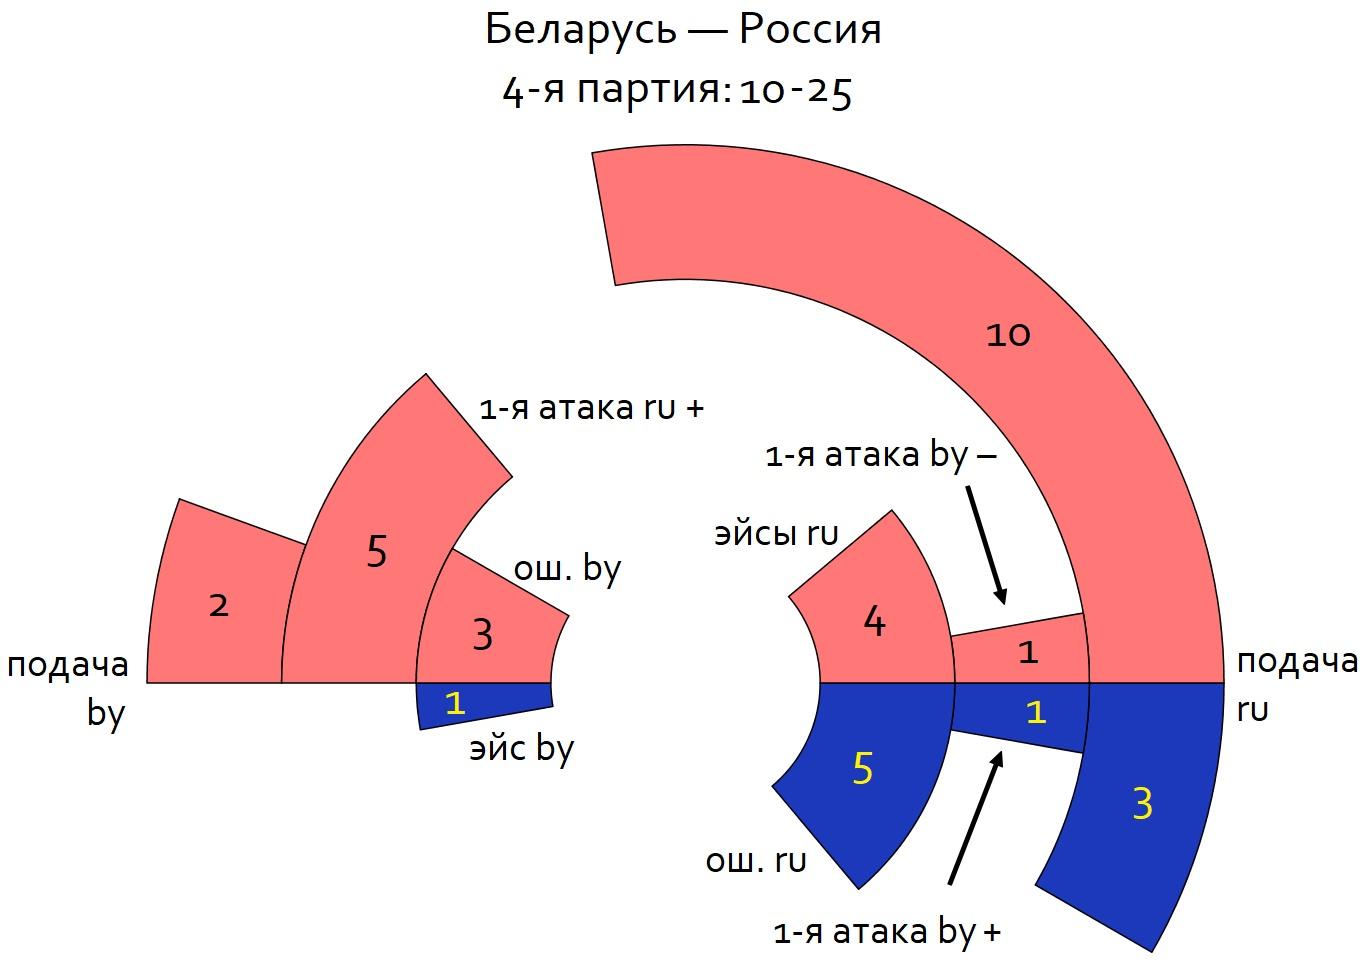 ЧЕ-2019, матч № 2: Беларусь — Россия 1-3. Циферки